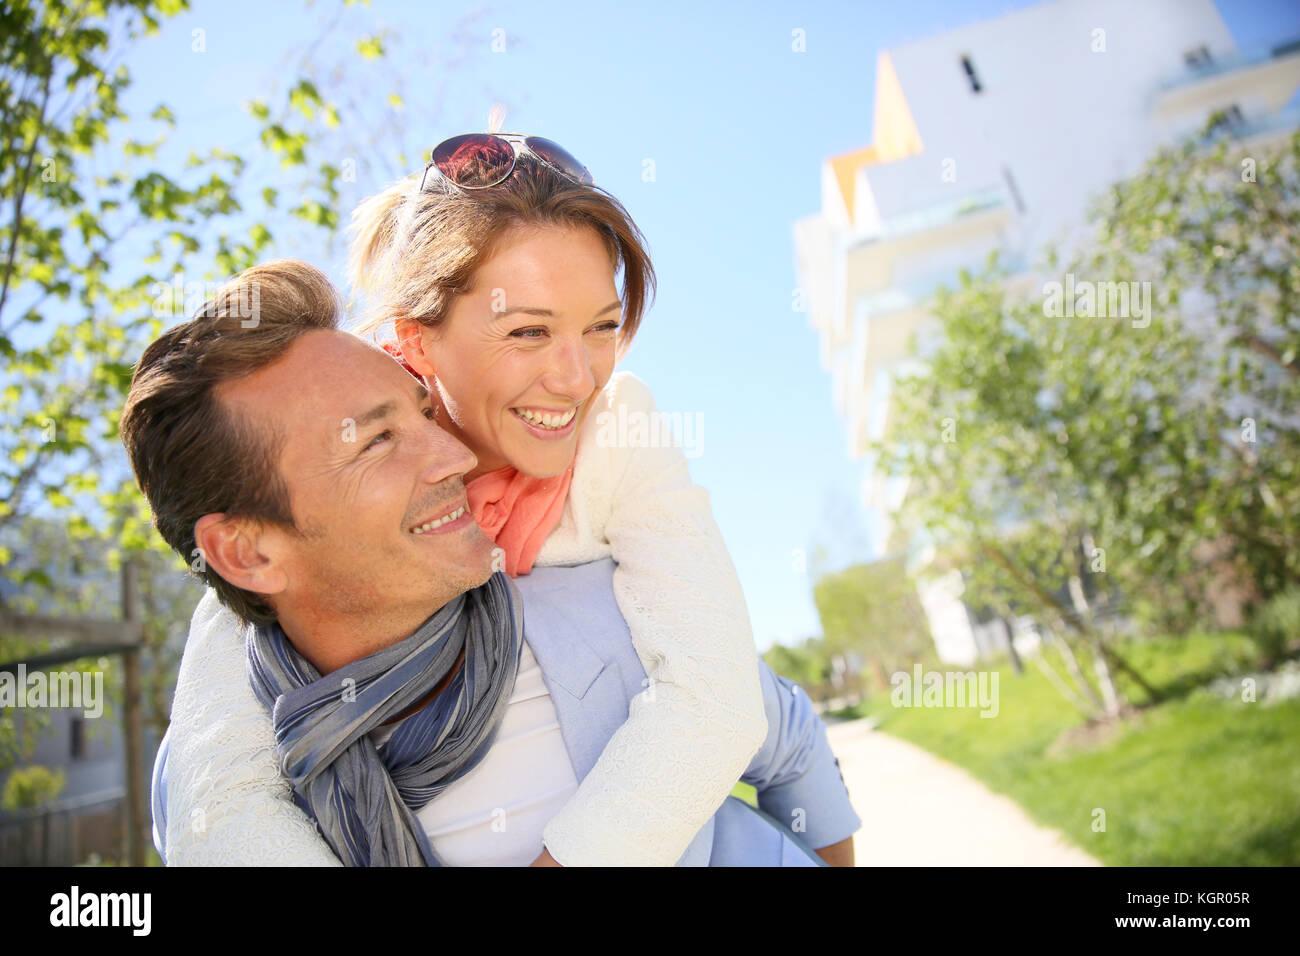 L uomo dando piggyback ride per donna in posizione di parcheggio Foto Stock